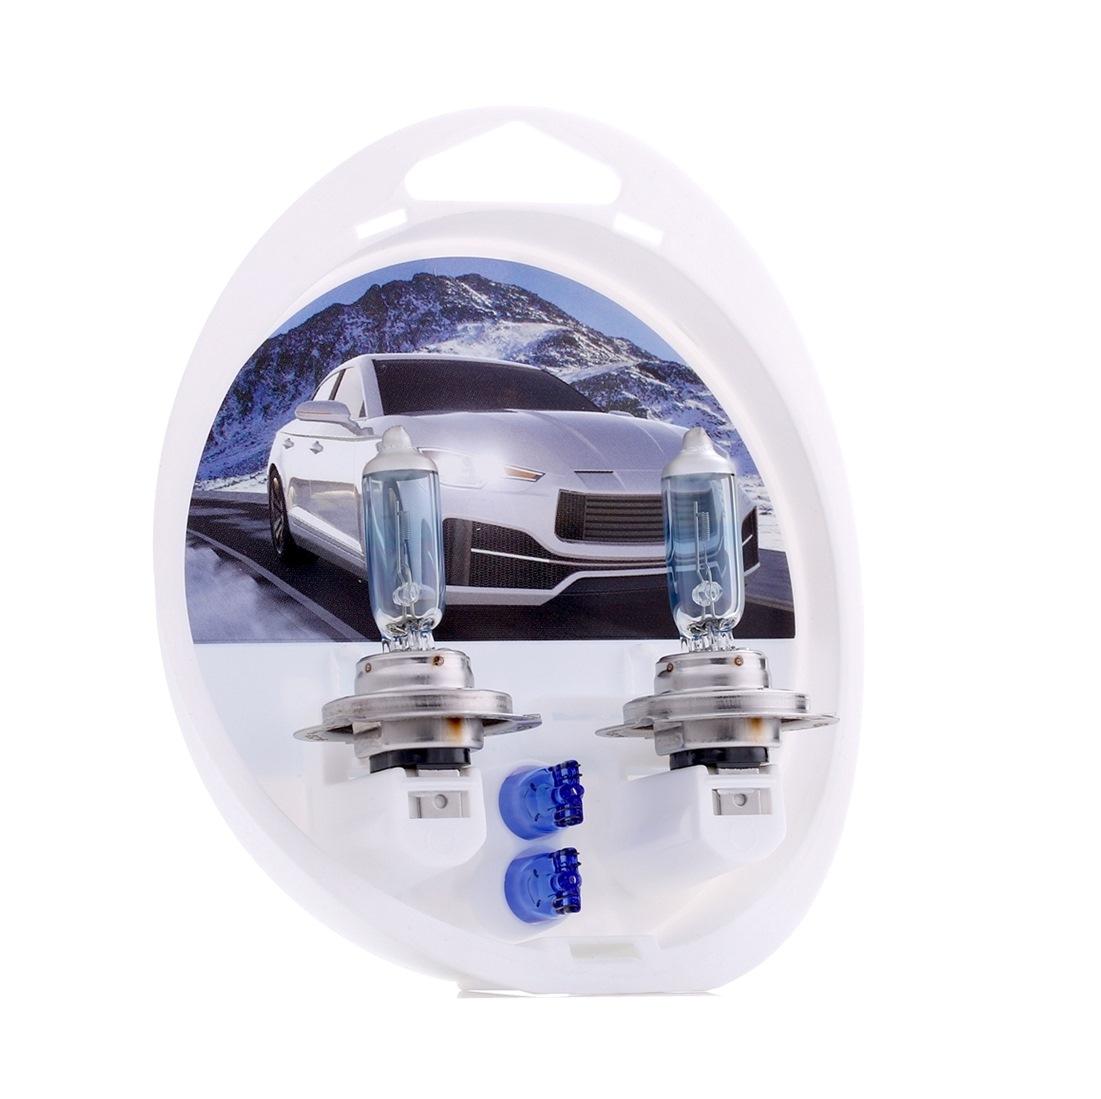 H7 PHILIPS 55W, 12V, H7 Glühlampe, Fernscheinwerfer 12972WVUSM günstig kaufen